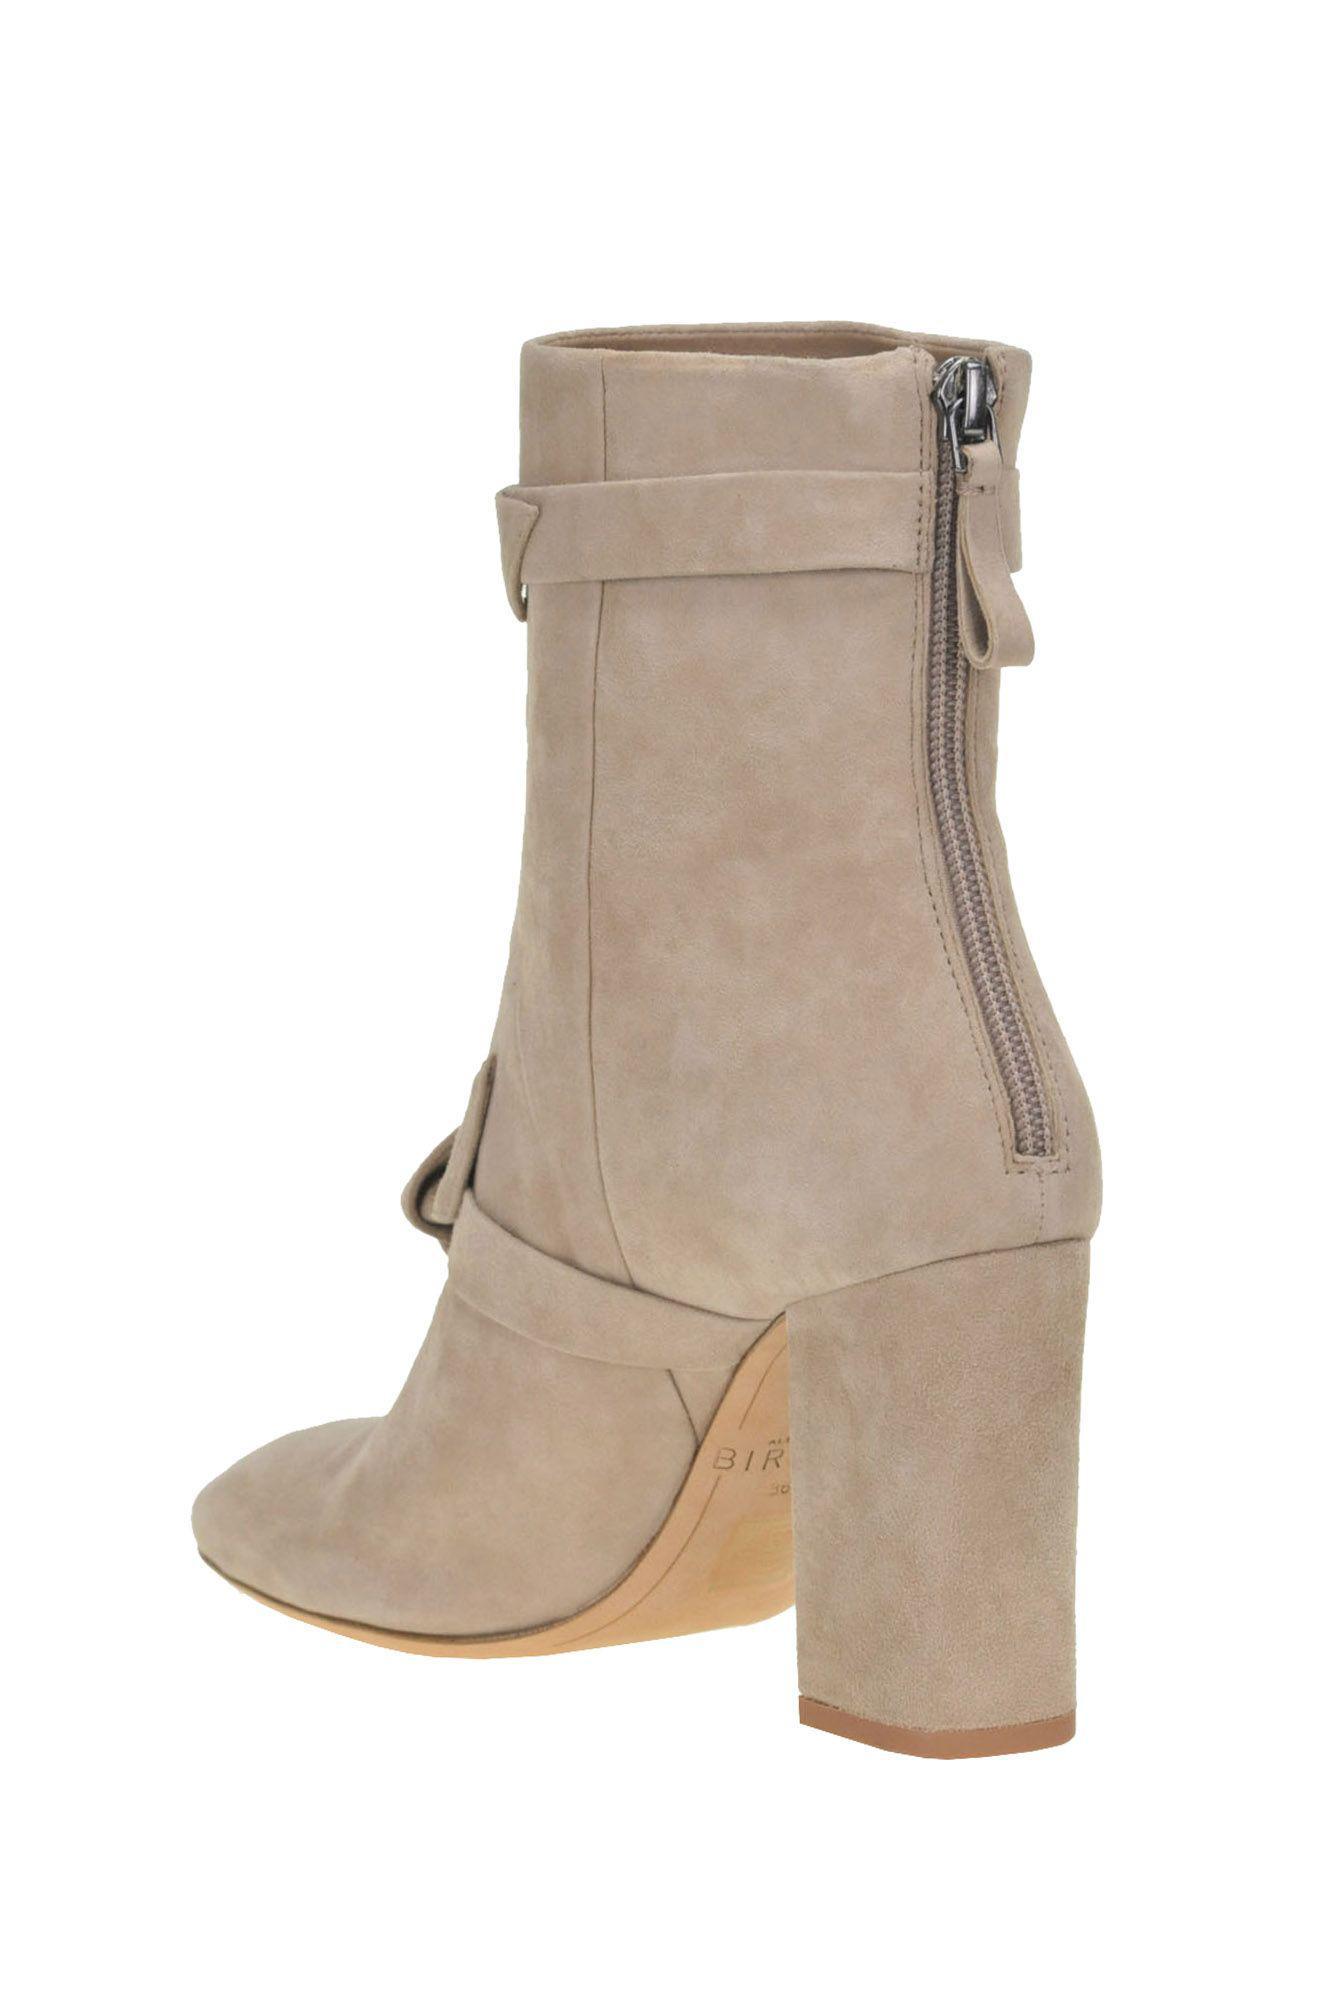 292a6890600f Lyst - Alexandre Birman Women s Grey Suede Ankle Boots in Gray